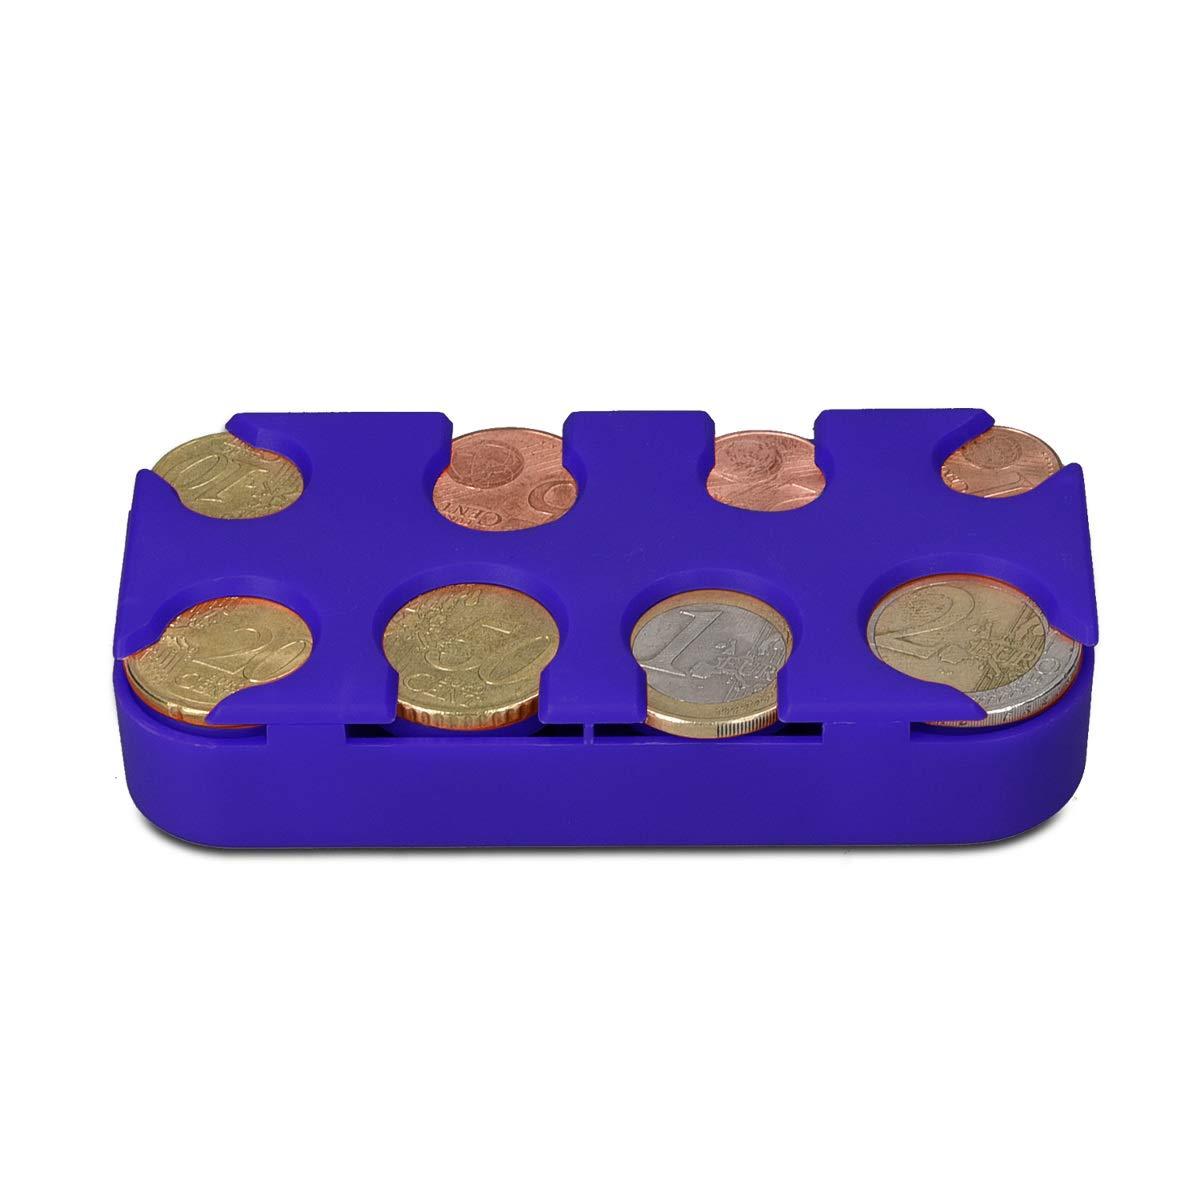 Box Organizer Porta Monete a Molla blu Slot x8 Monete da 1 Centesimo a 2 Euro kwmobile Scatola Portamonete 8 Scomparti